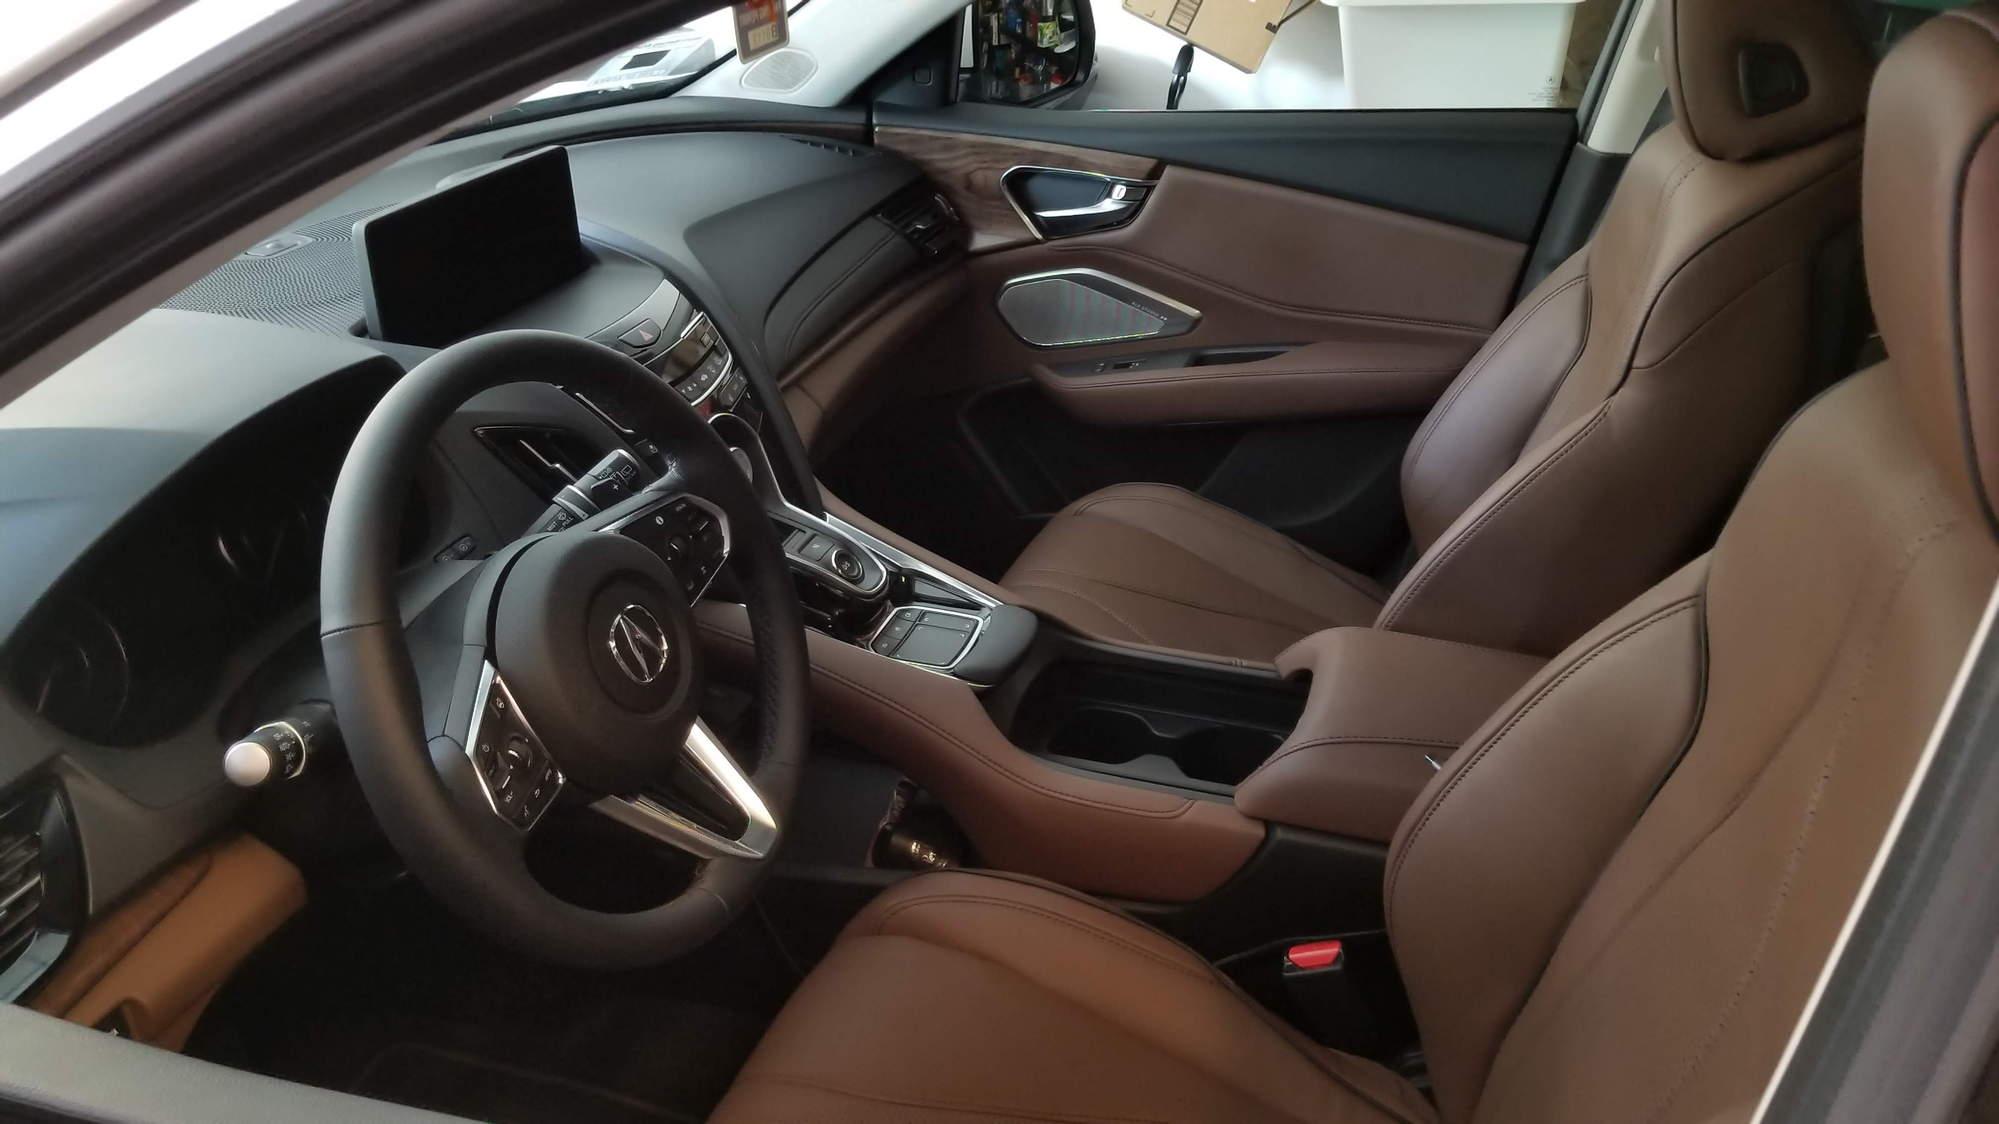 2020 Acura Rdx Interior Exterior Images Acura Com